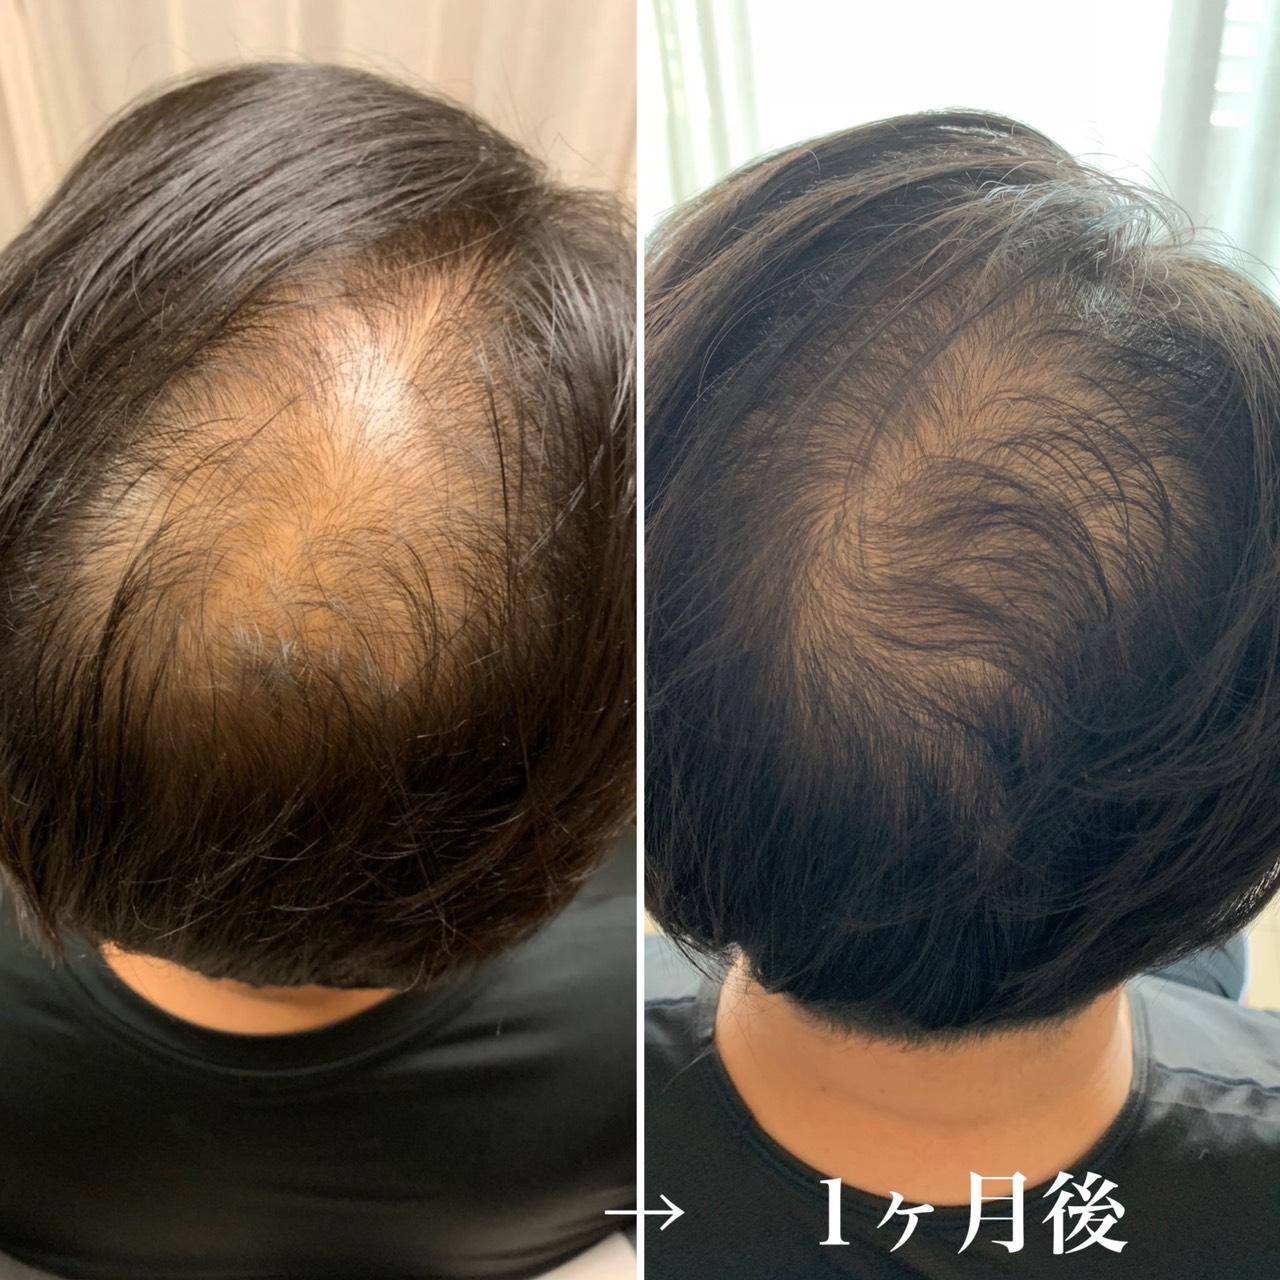 強髪スタ-トから1ヶ月後ビフォーアフター